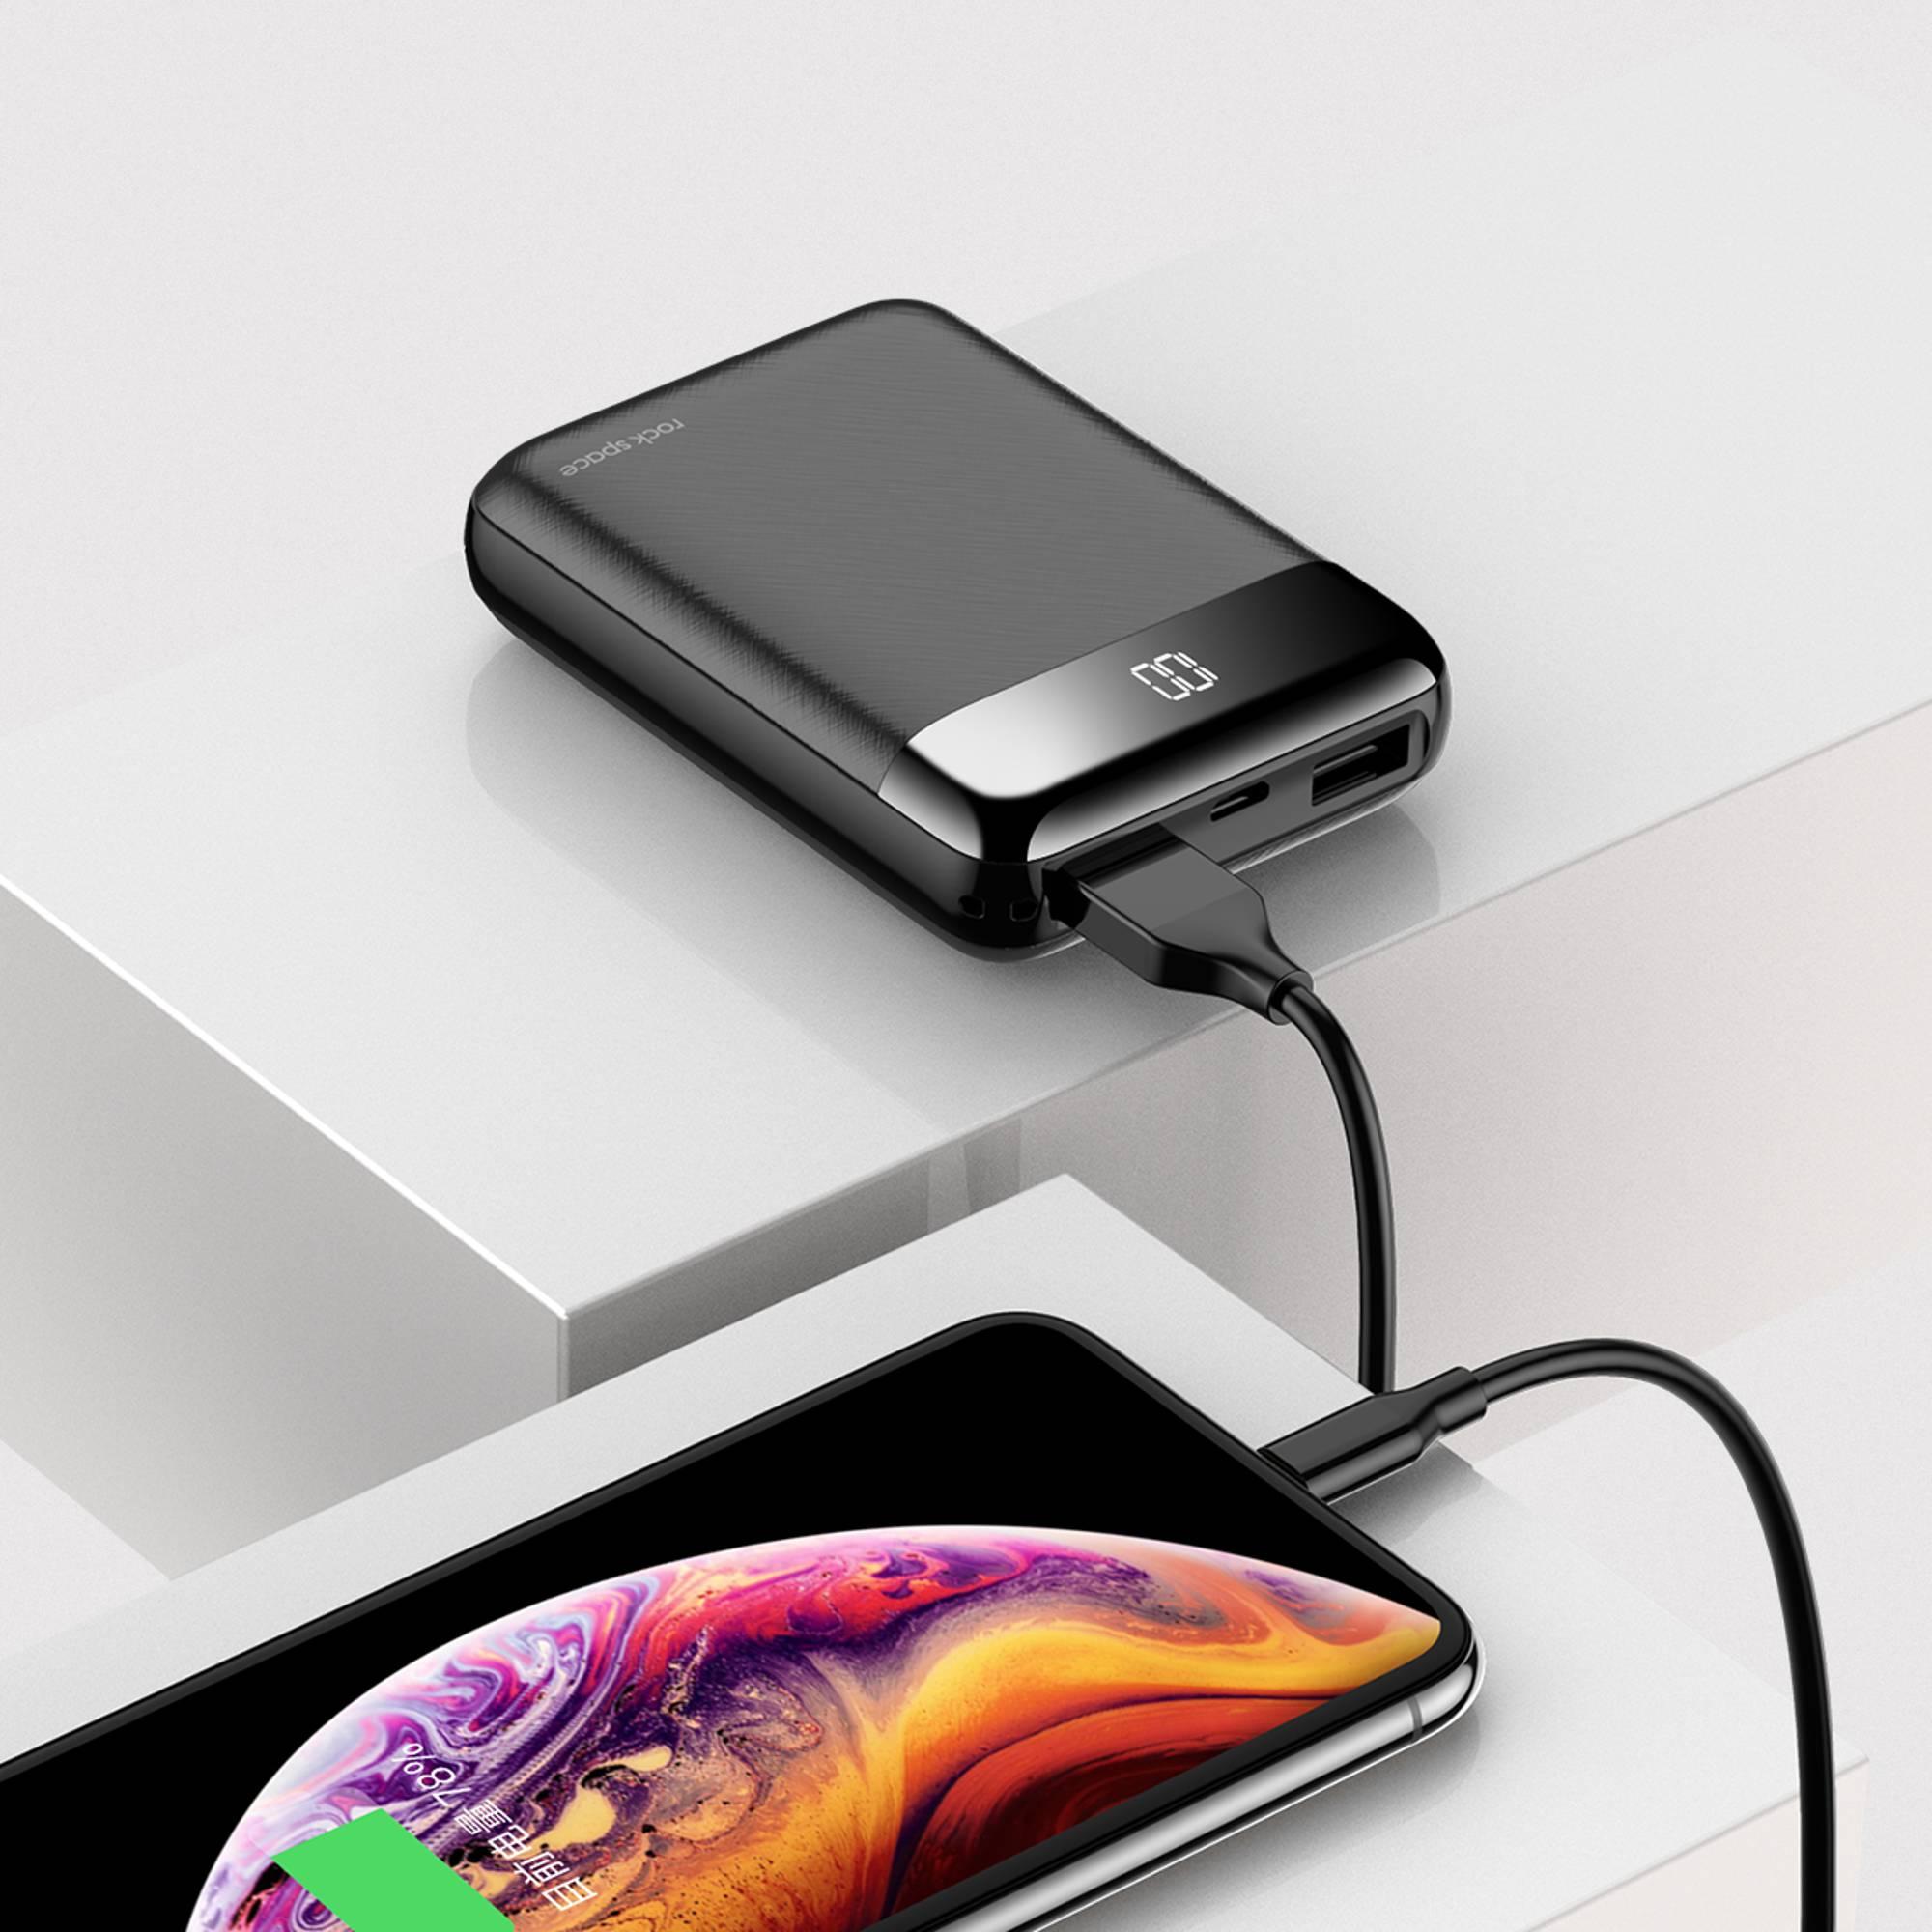 Pin sạc dự phòng mini Rockspace P66 10.000 mAh sạc nhanh cho iphone, samsung